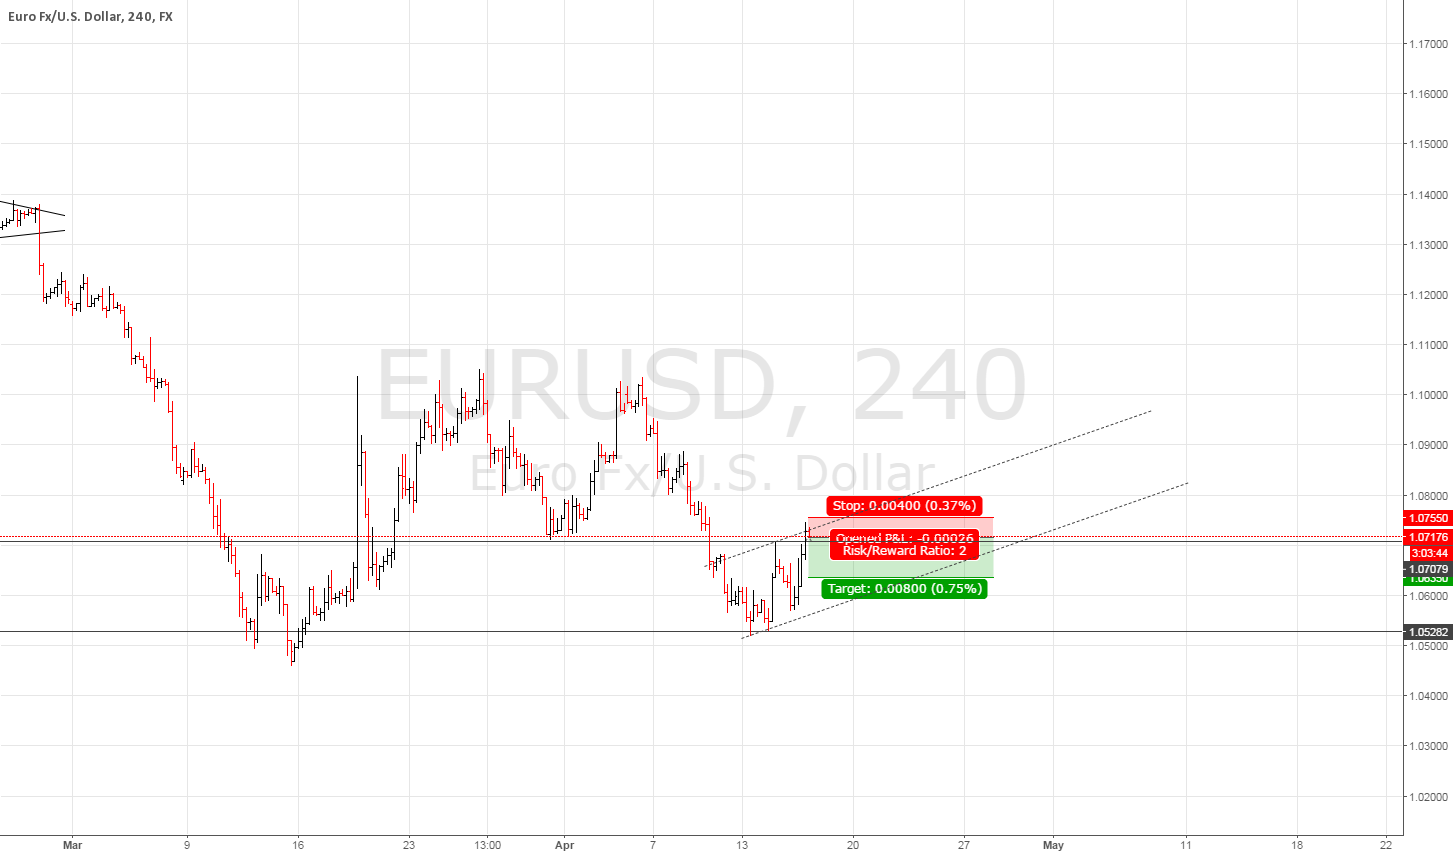 Sell EURUSD at Resistance